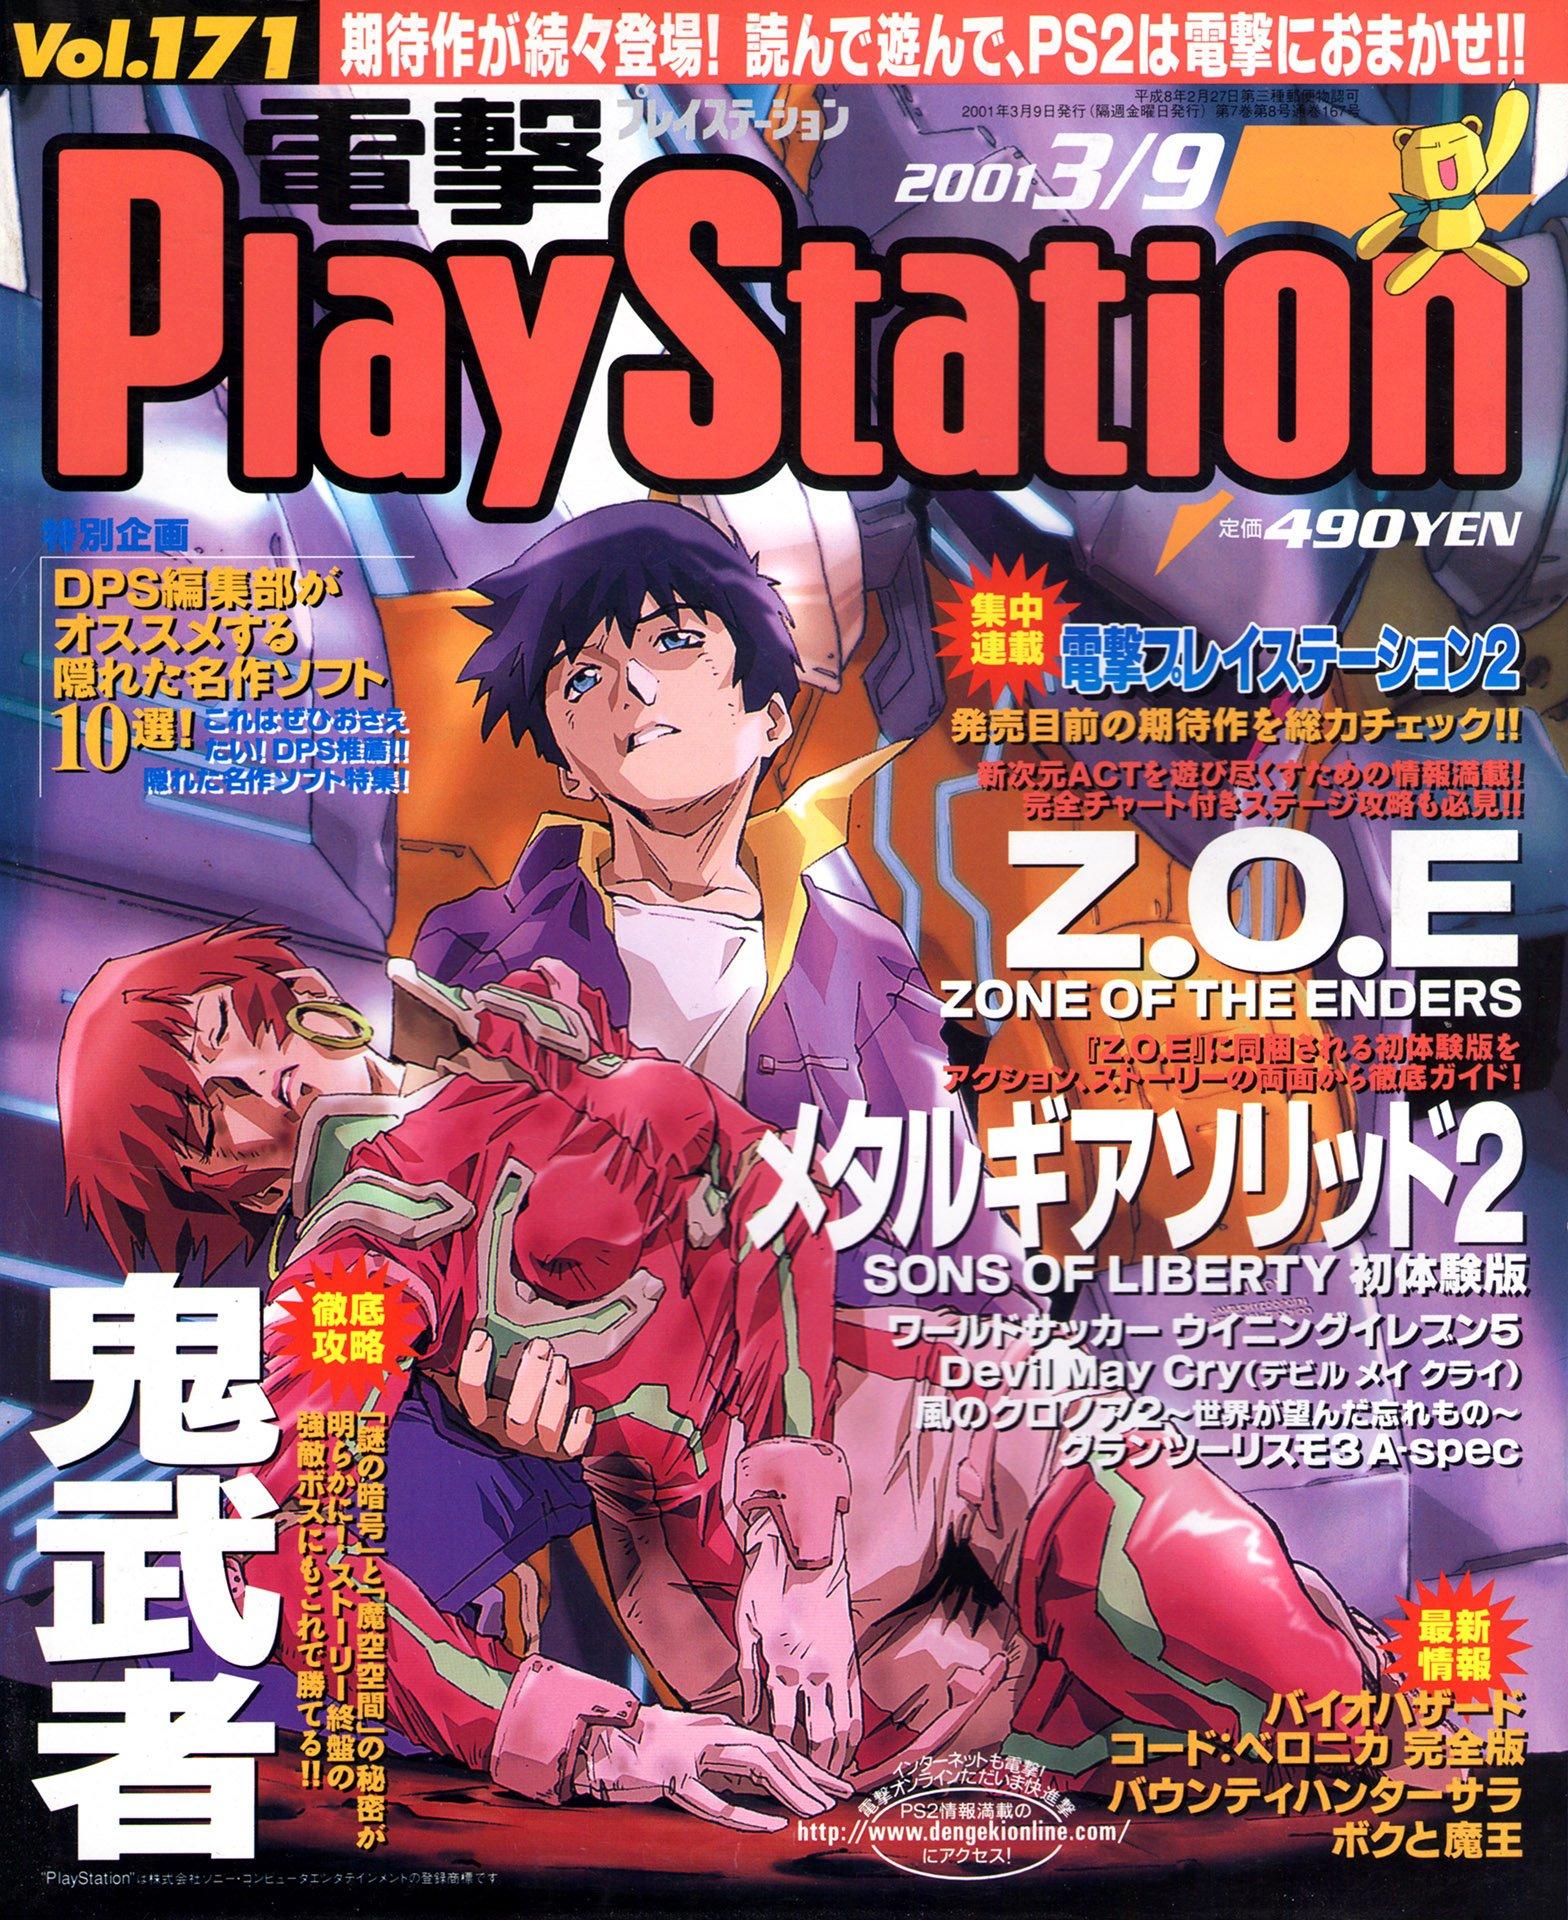 Dengeki PlayStation 171 (March 9, 2001)